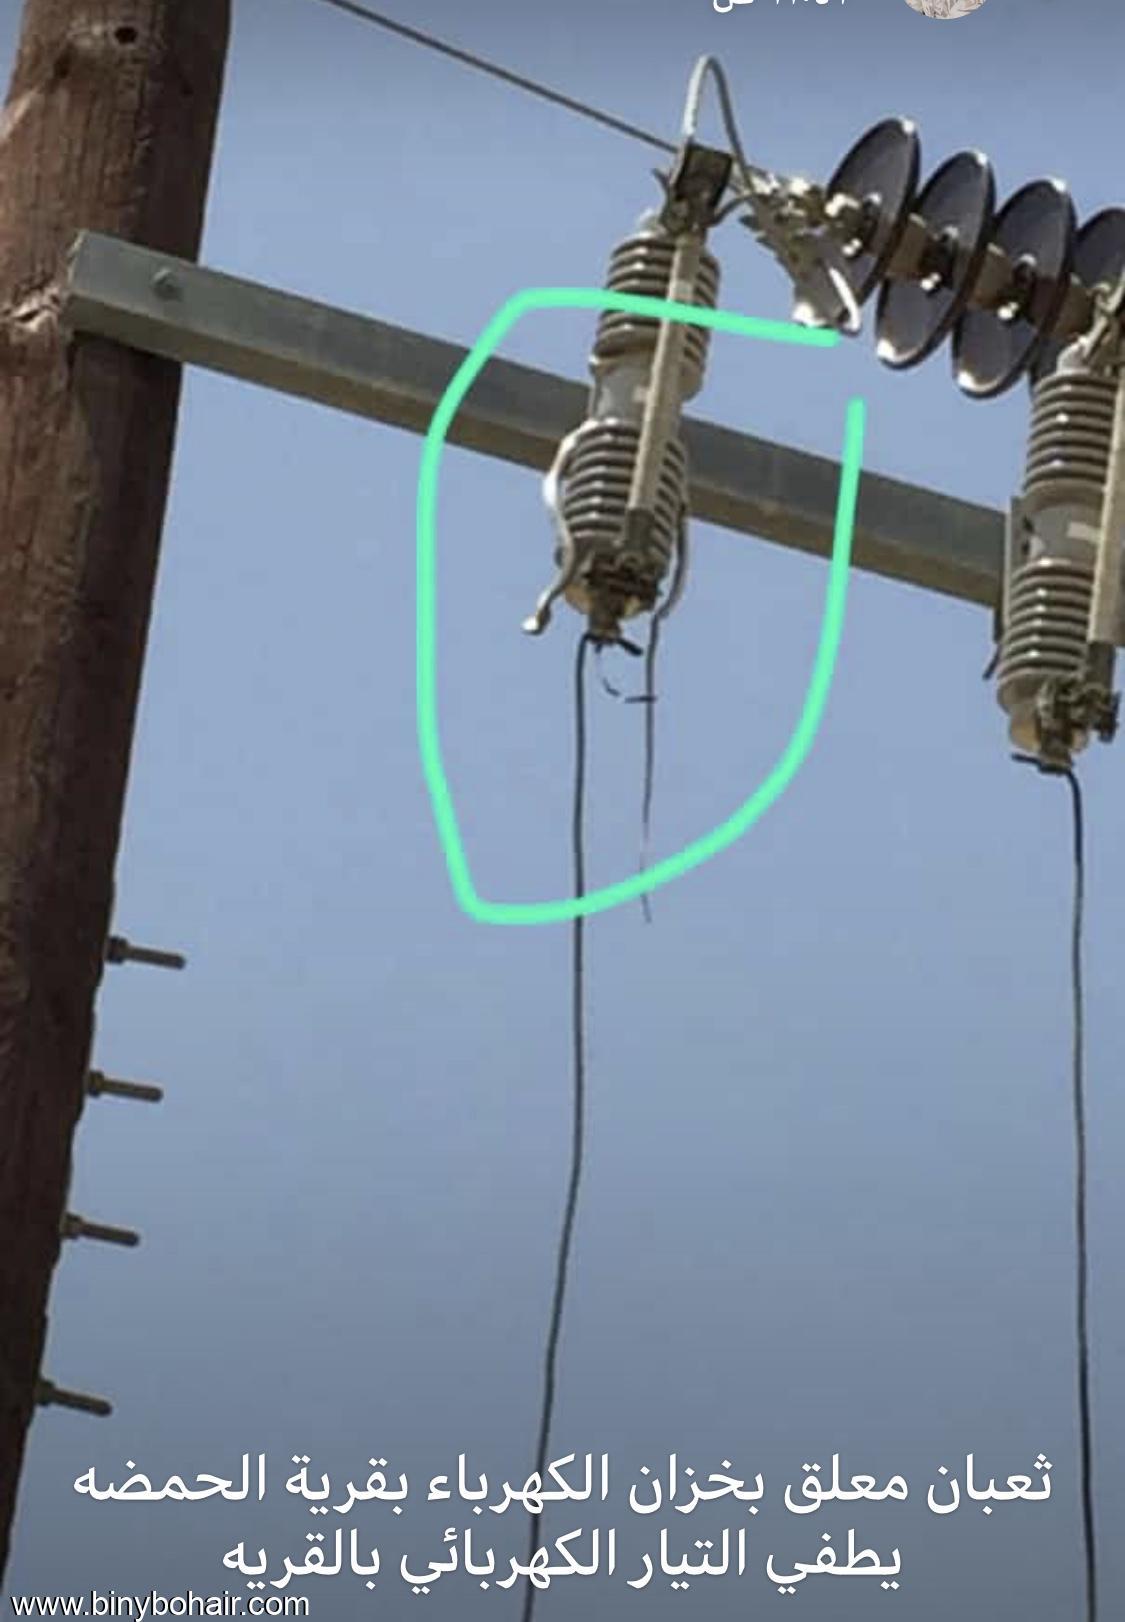 افعى يتسبب الكهرباء قرية الحمظة ilp38403.jpeg